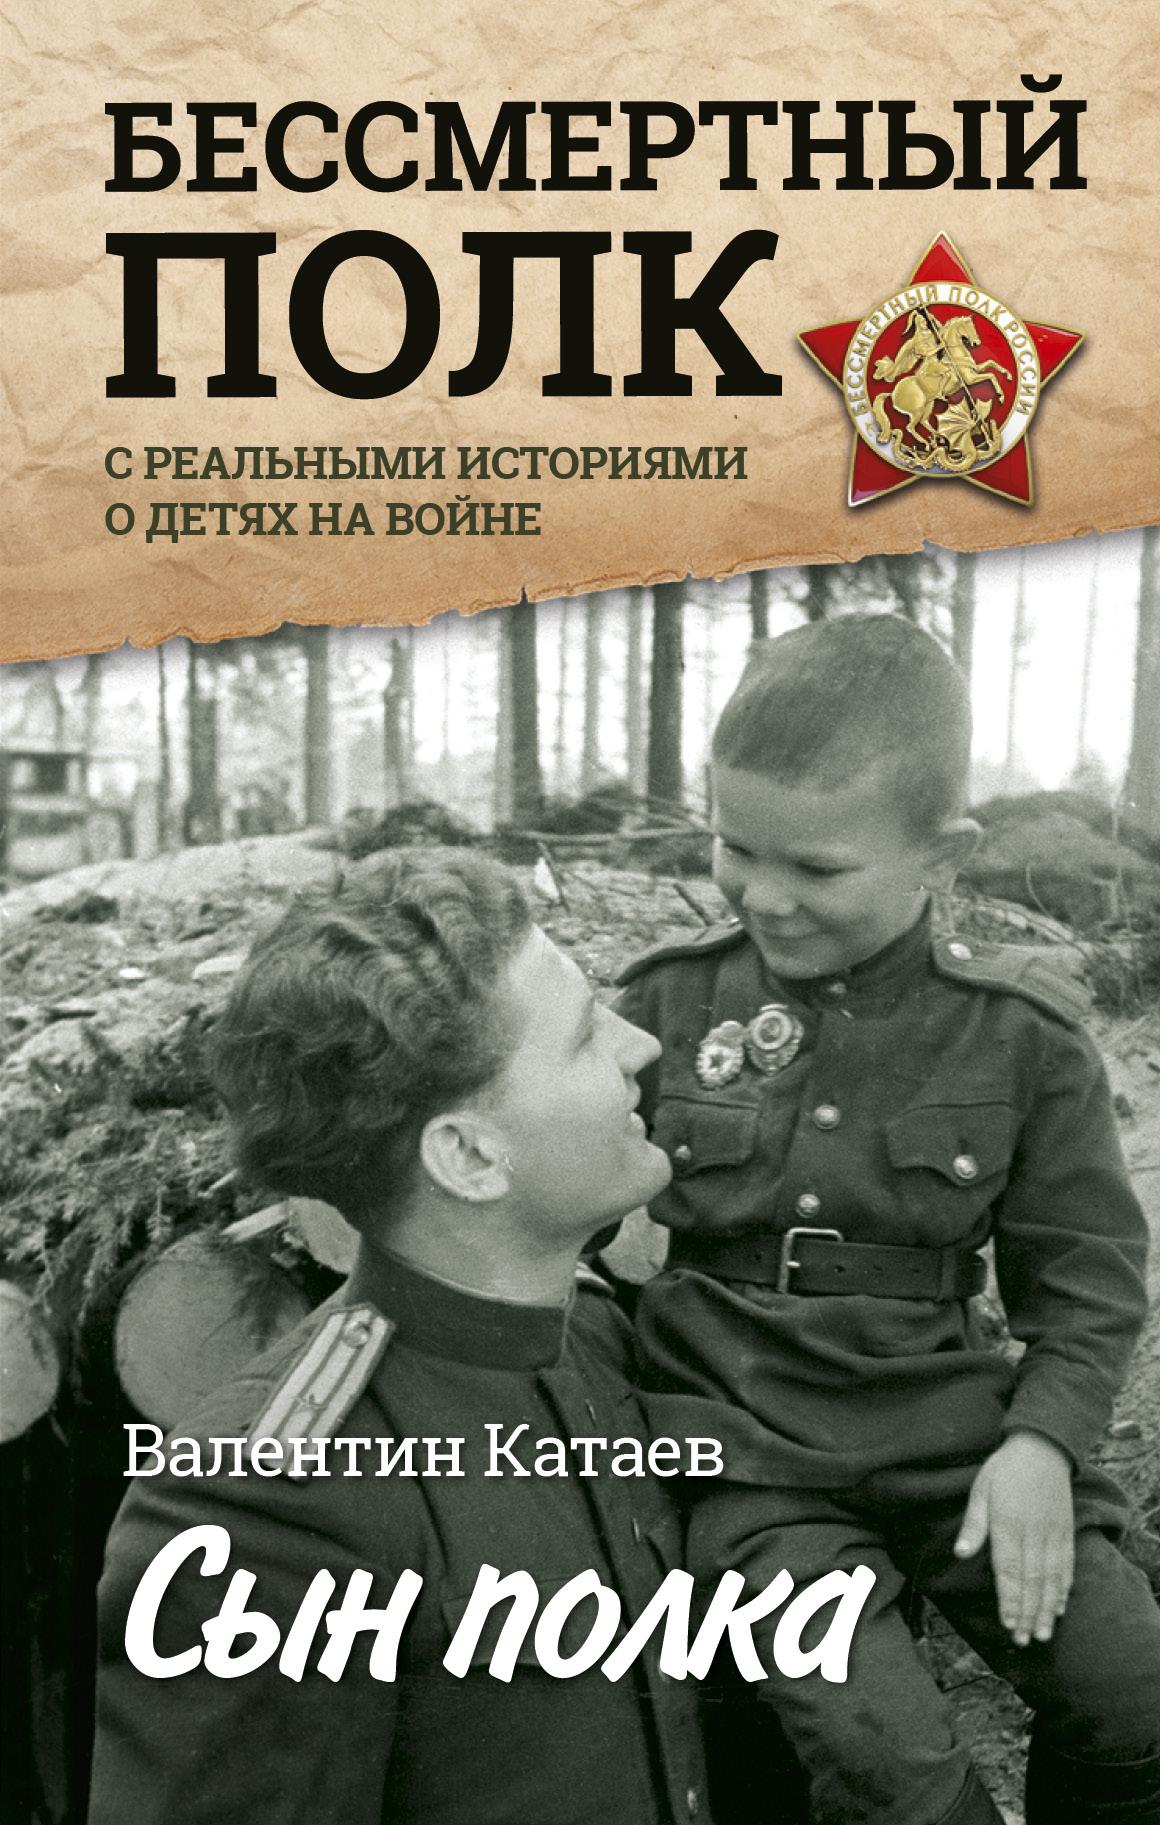 Катаев В.П. Сын полка. С непридуманными историями о детях на войне махаон сын полка в п катаев